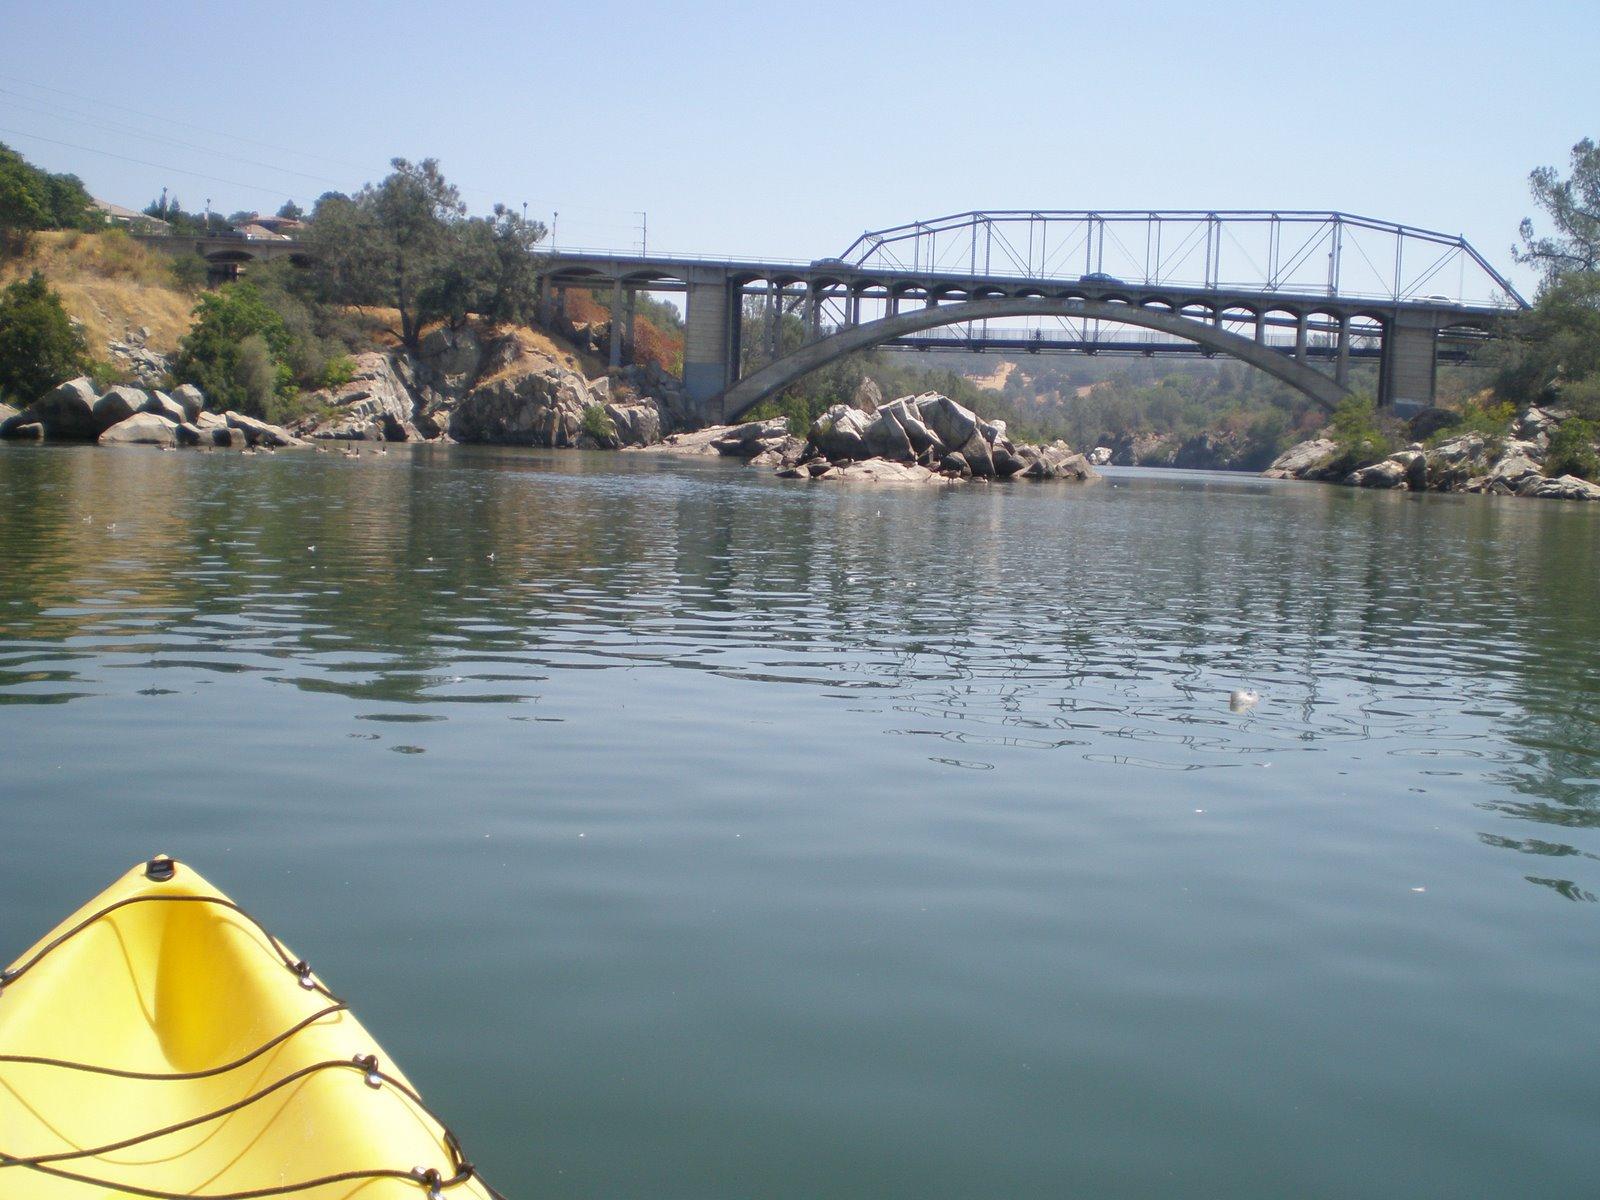 [kayaking+trip+]